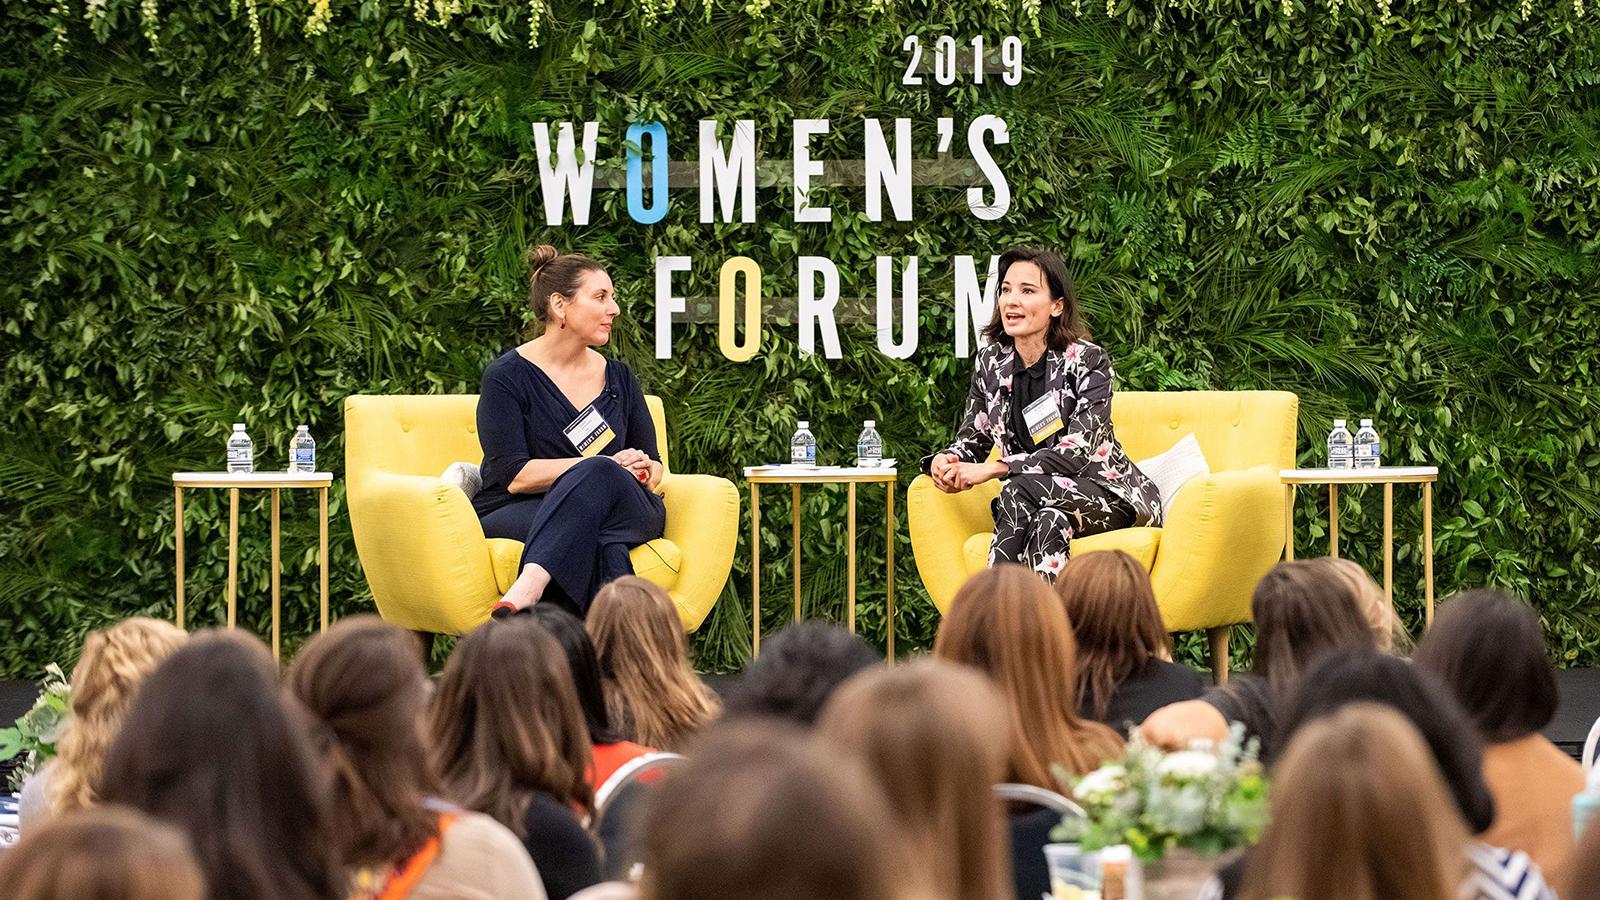 Participants at the Women's Forum 2019